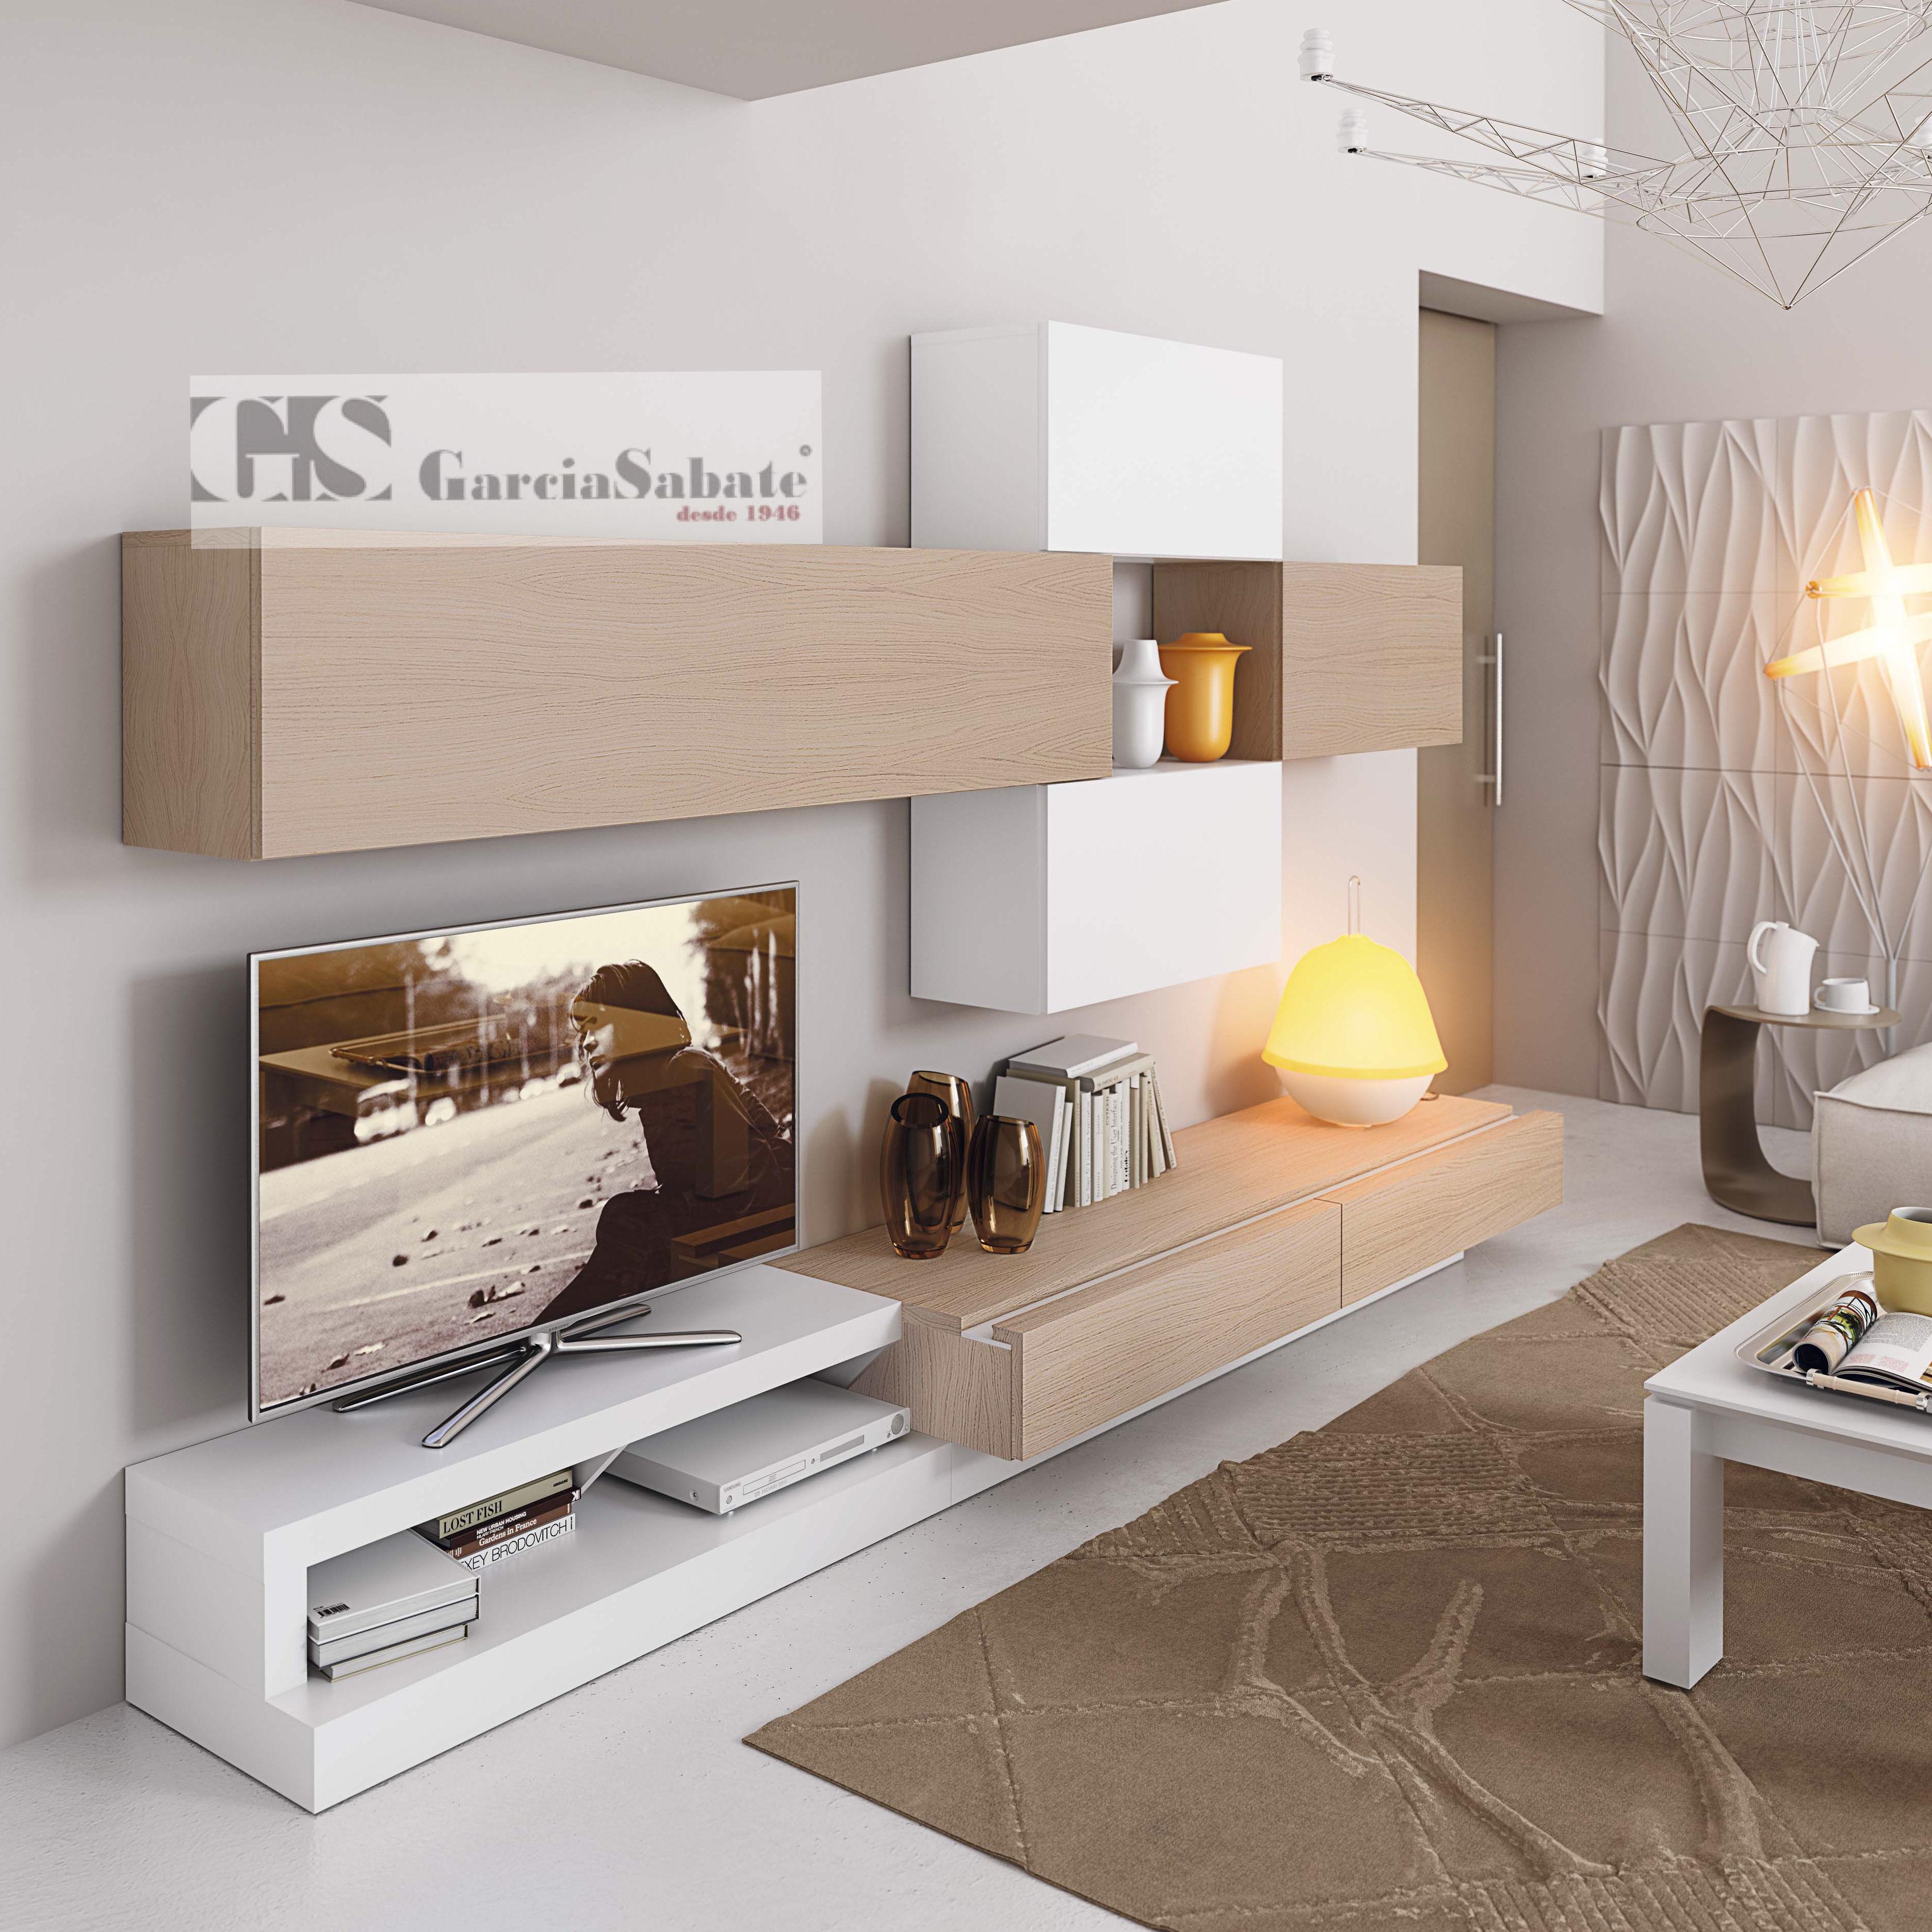 Salones garcia sabate cat logo de muebles y sof s de goga - Sofas para salones ...